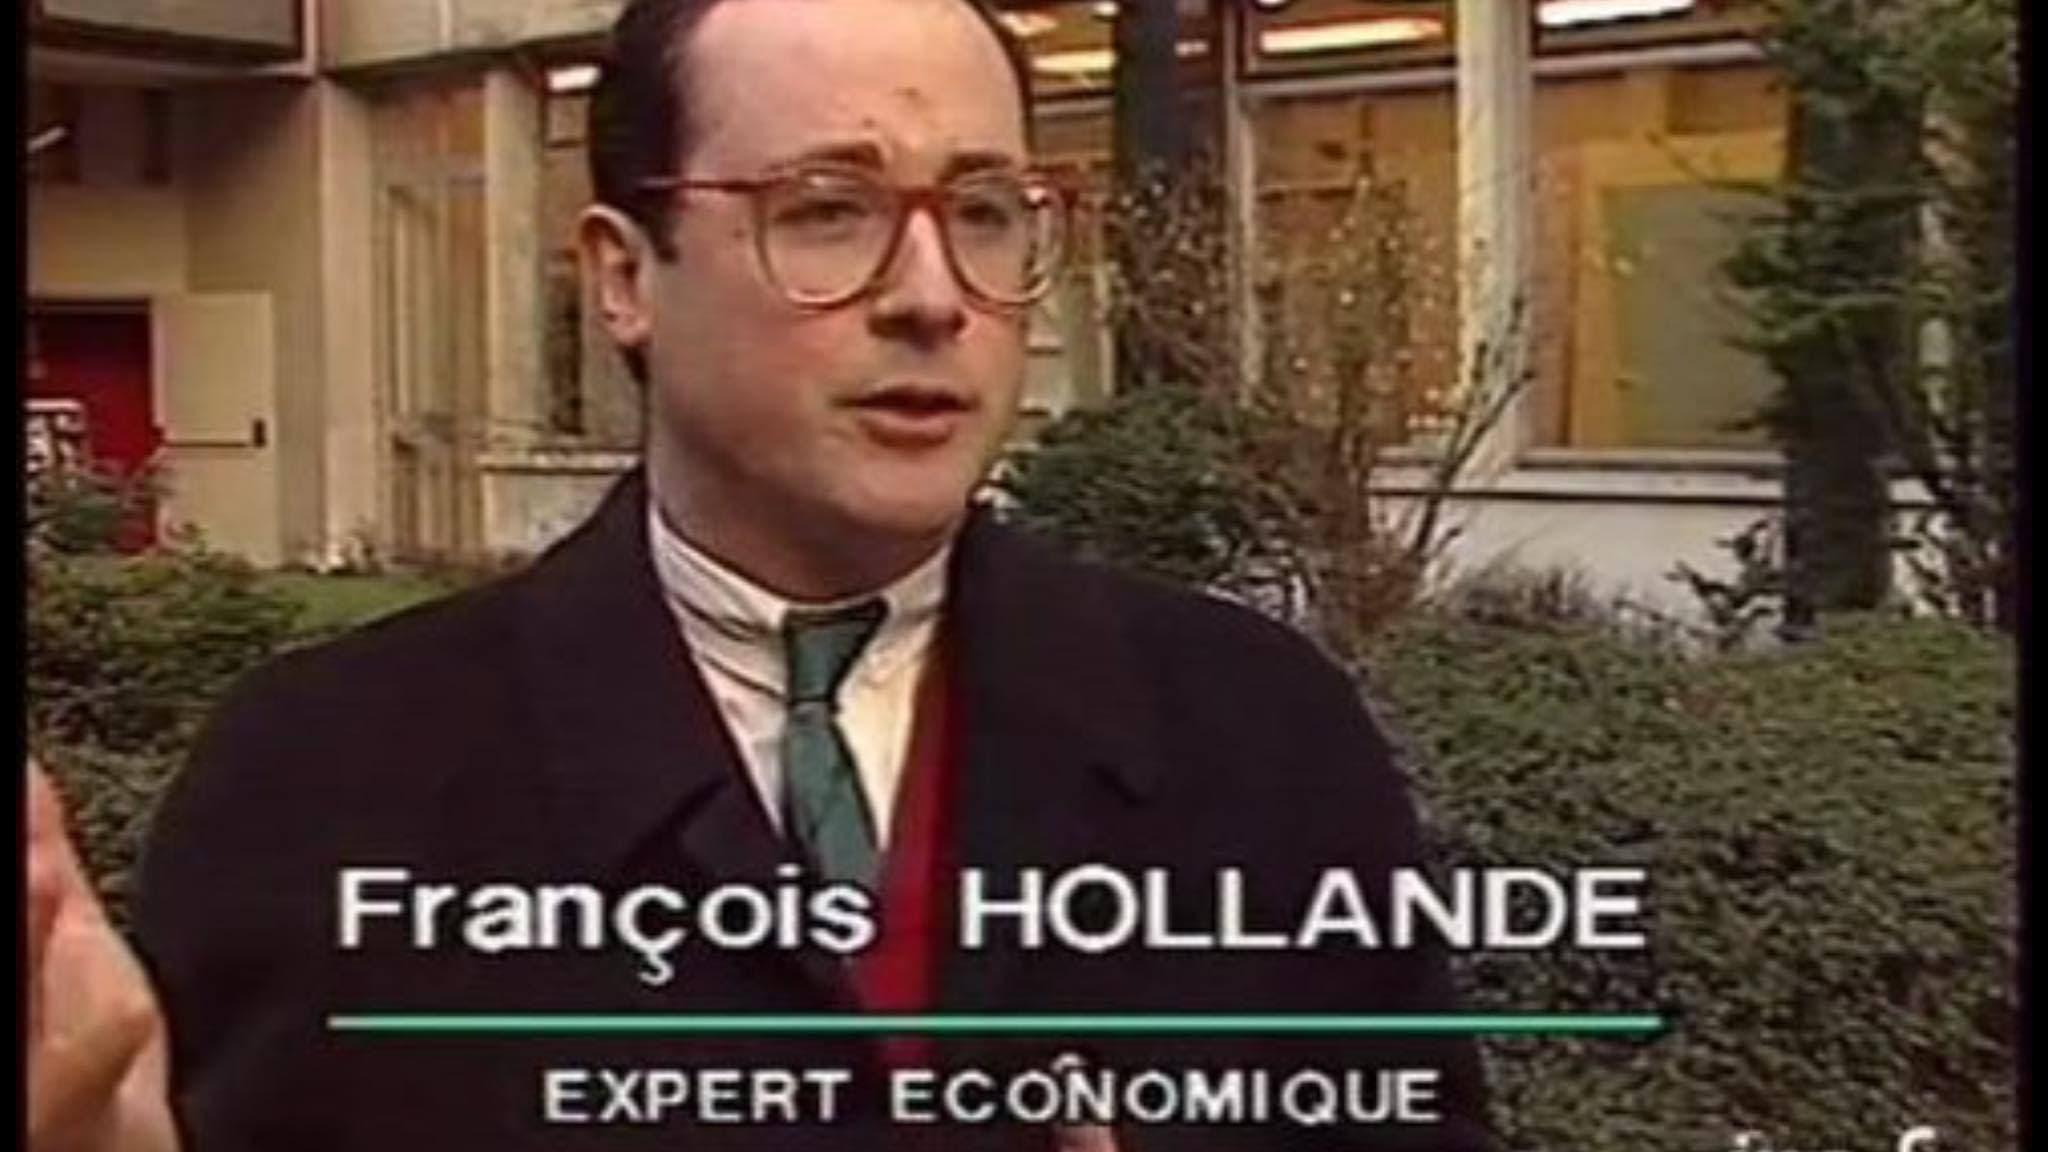 hollande expert